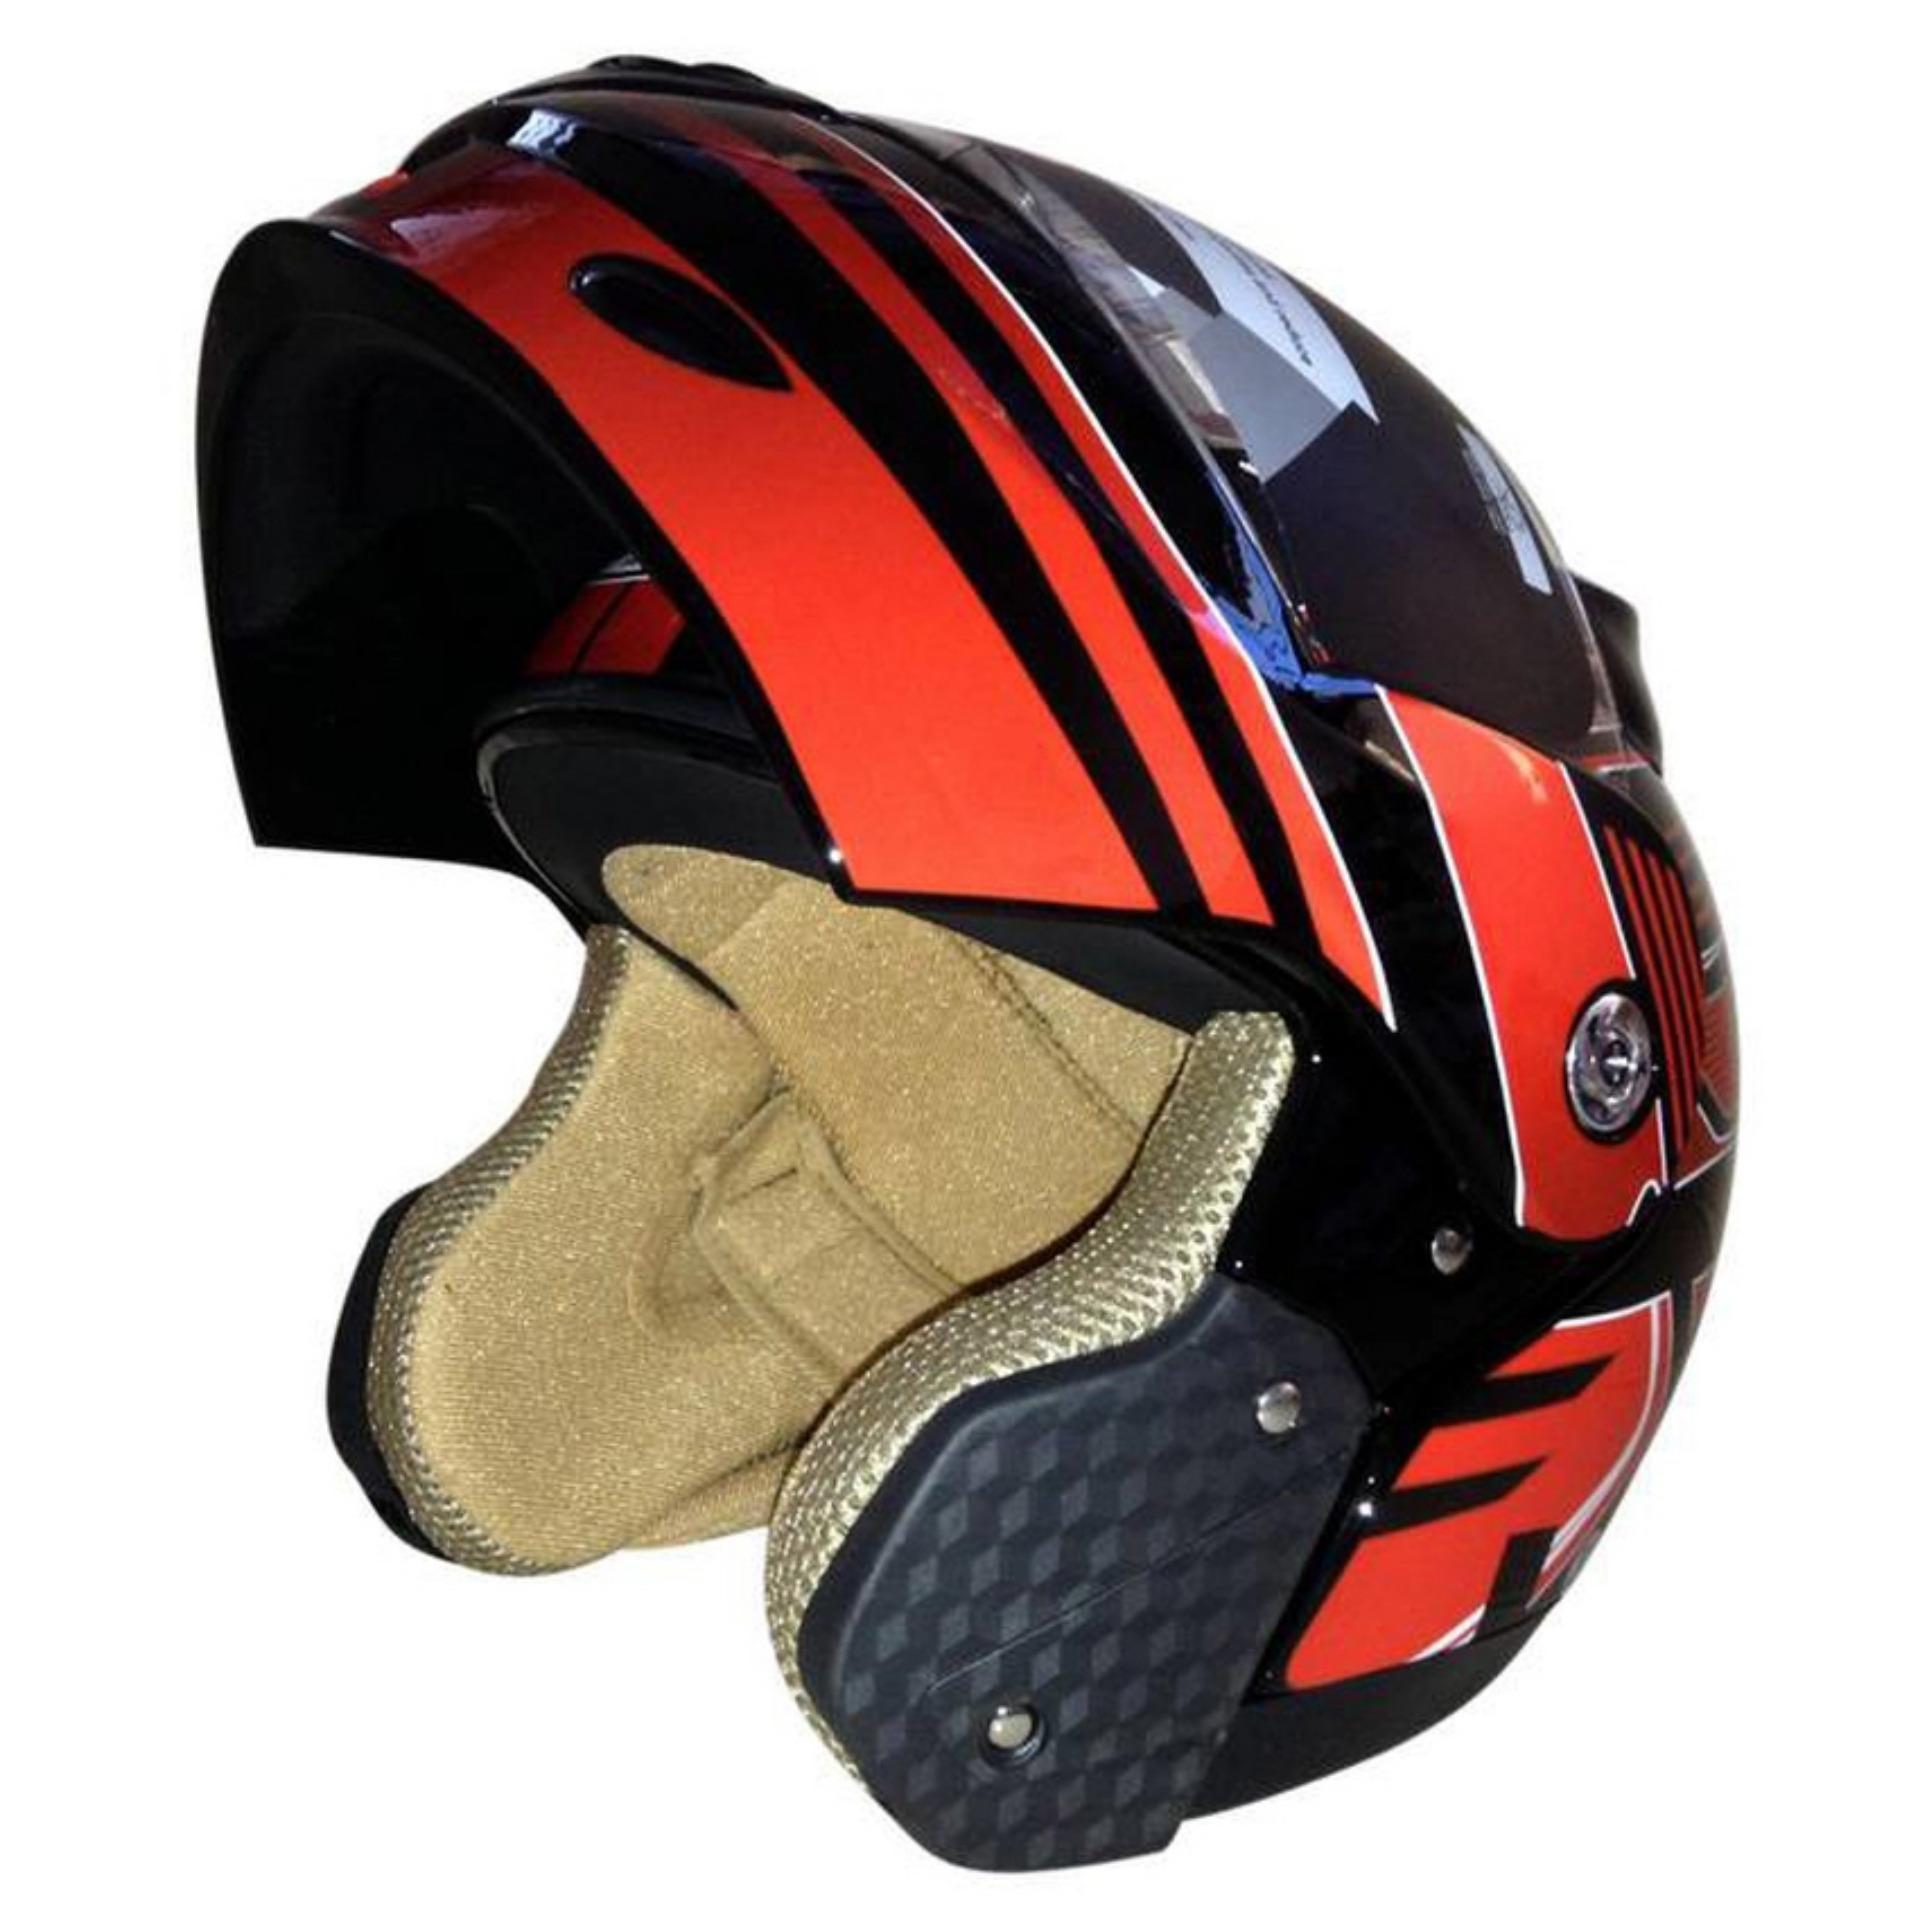 Motor kacamata dilepas Harley Protect Padding penuh Mask(Yellow) - intl.  Source · c6240d9199